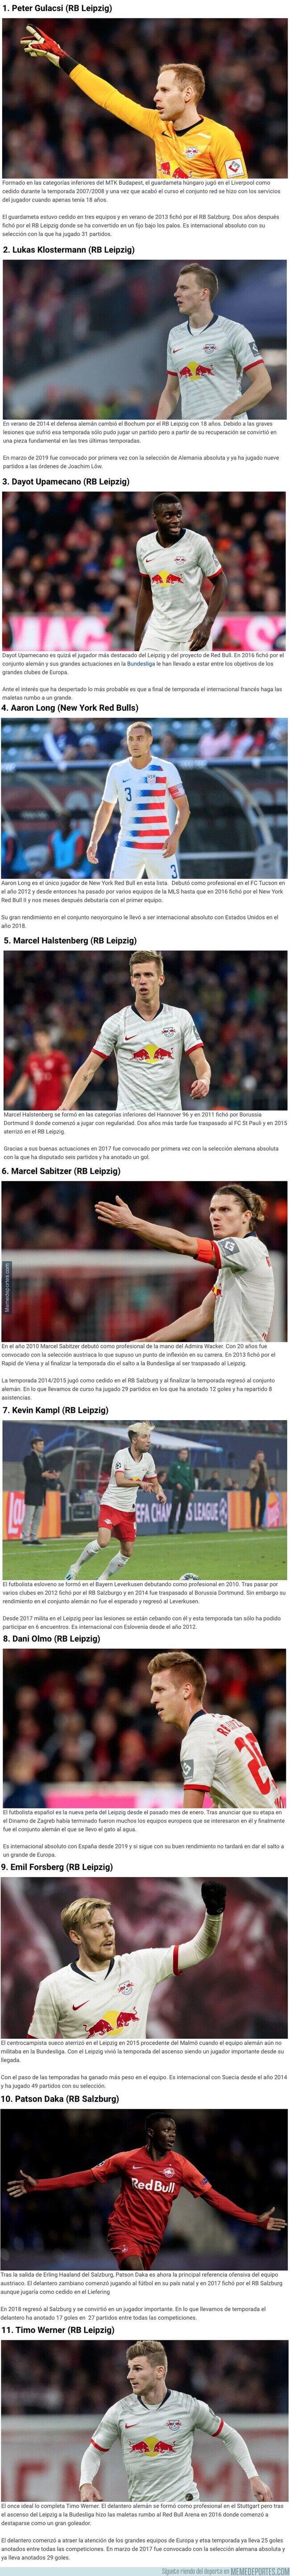 1098322 - El XI ideal de futbolistas que juegan para equipos de la marca Red Bull